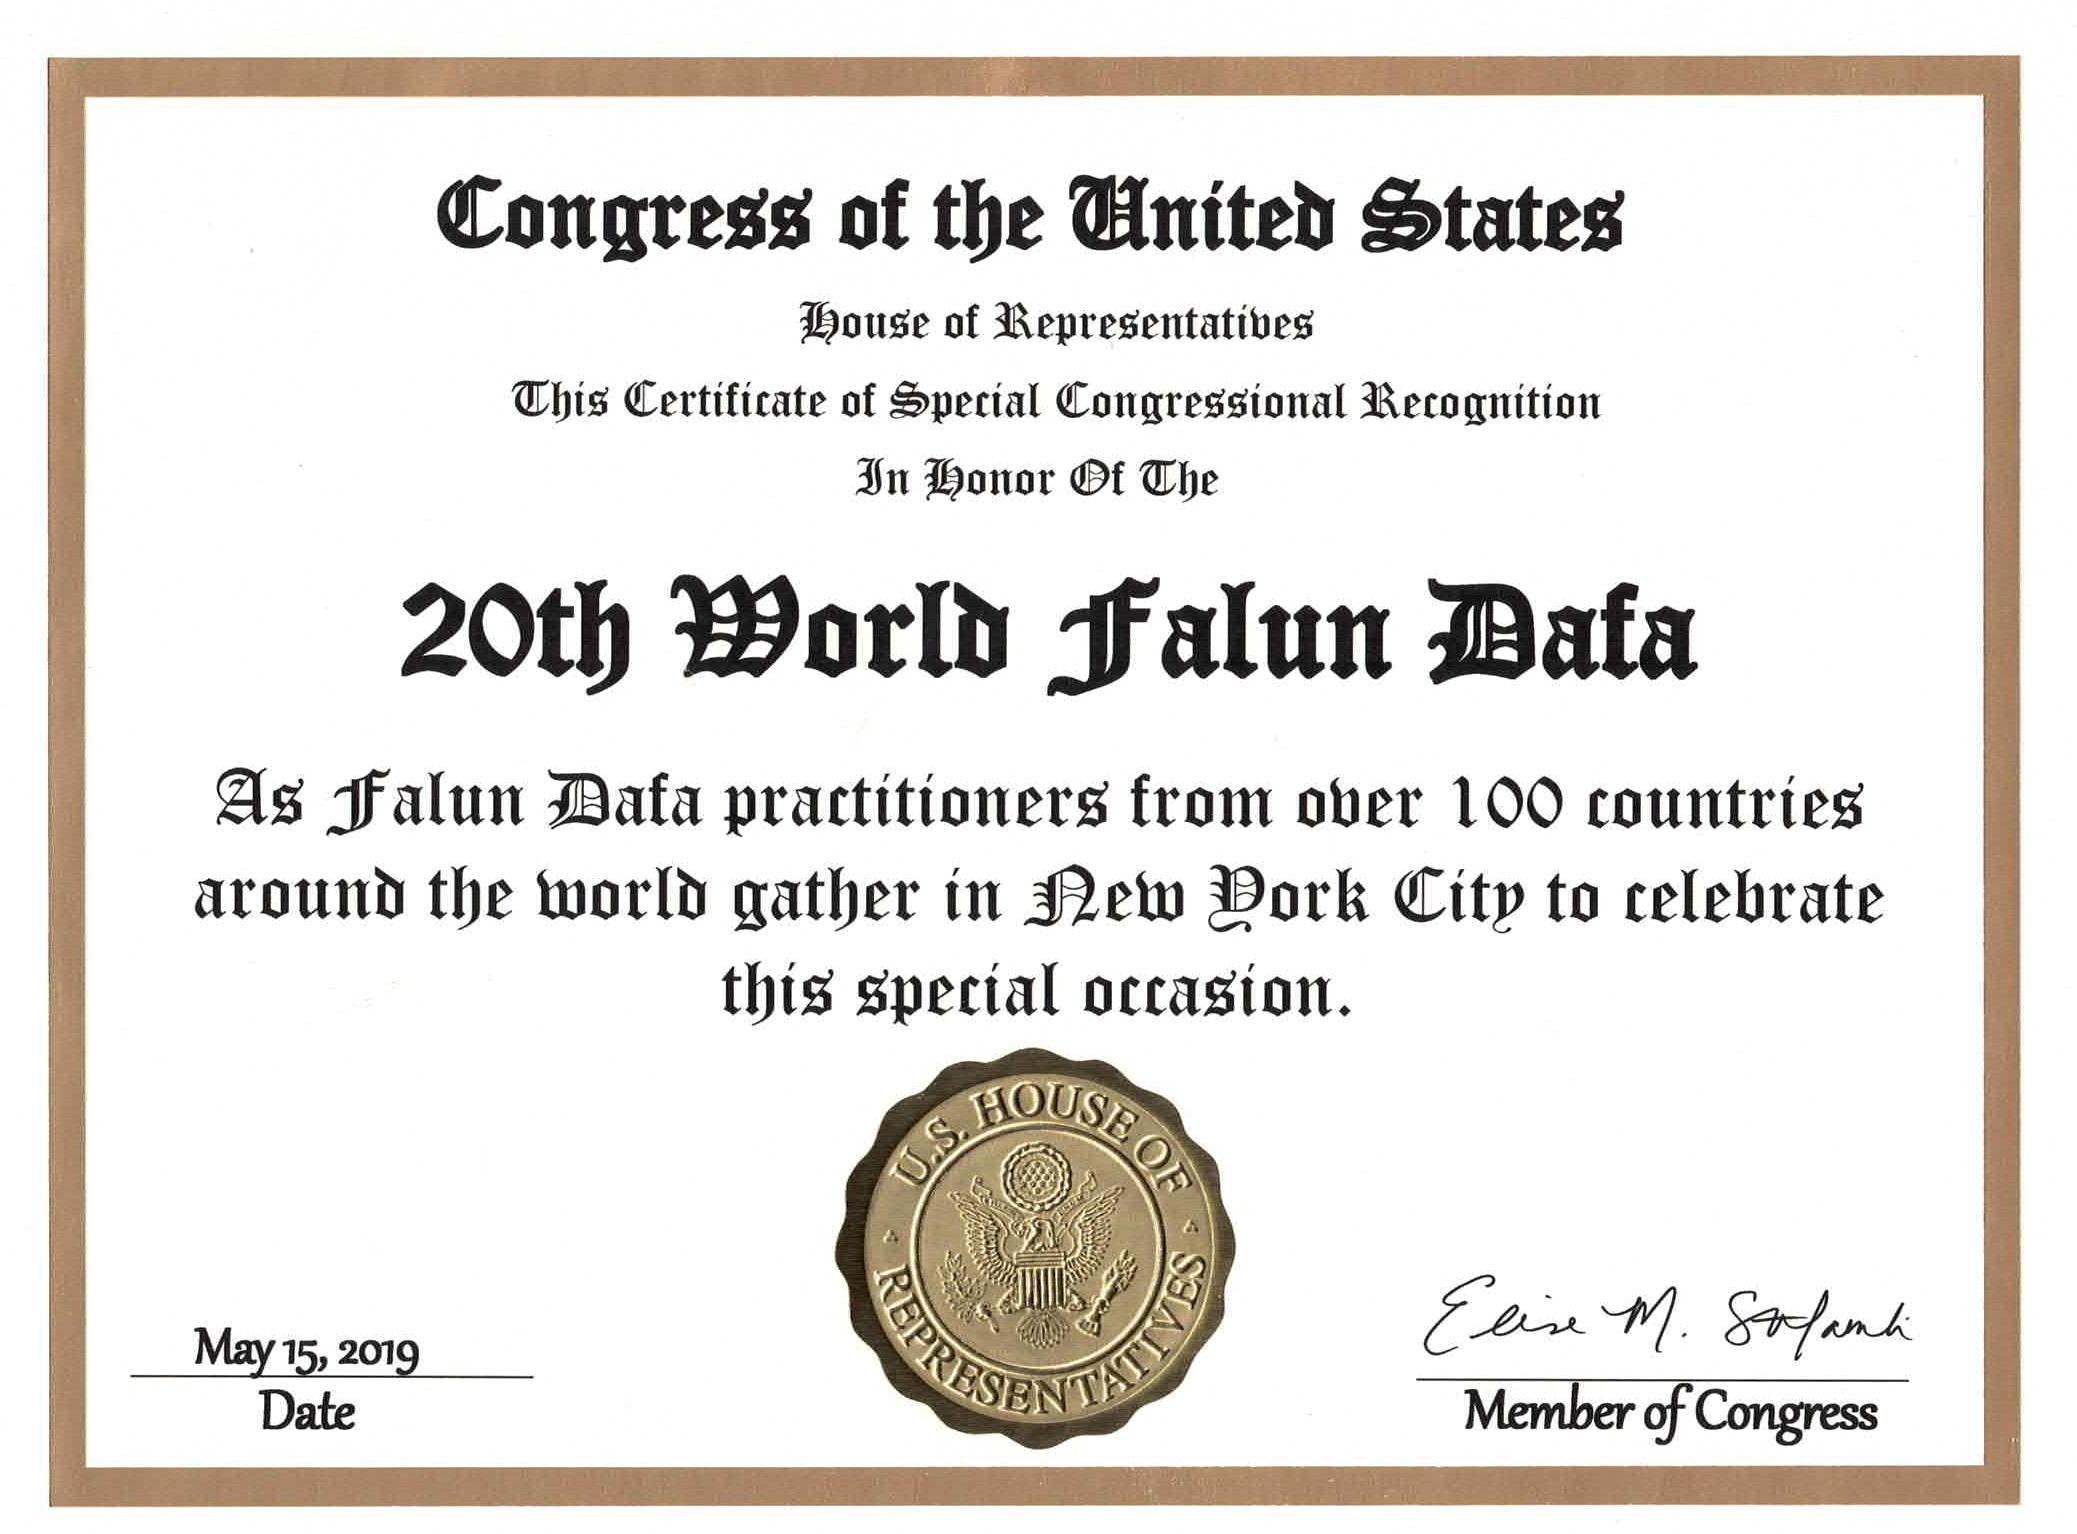 國會議員愛麗絲‧斯特凡尼克的褒獎。(明慧網)